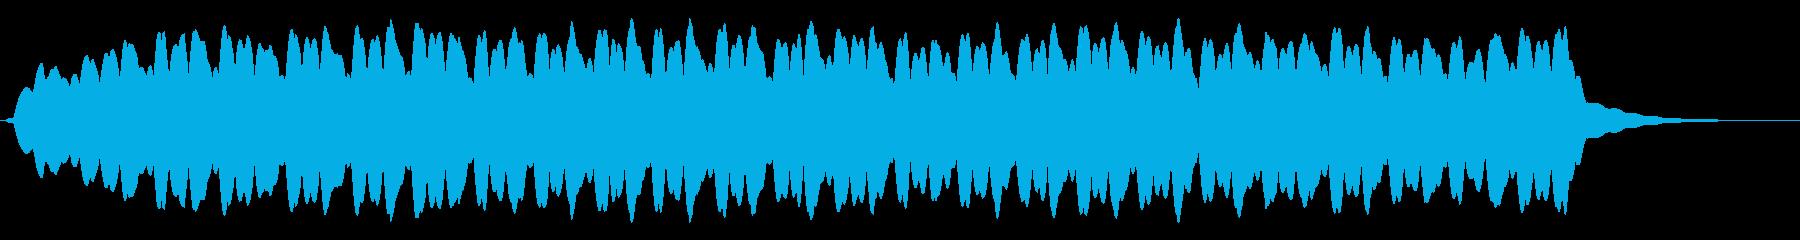 クリスタルゴブレットリムリンギングの再生済みの波形